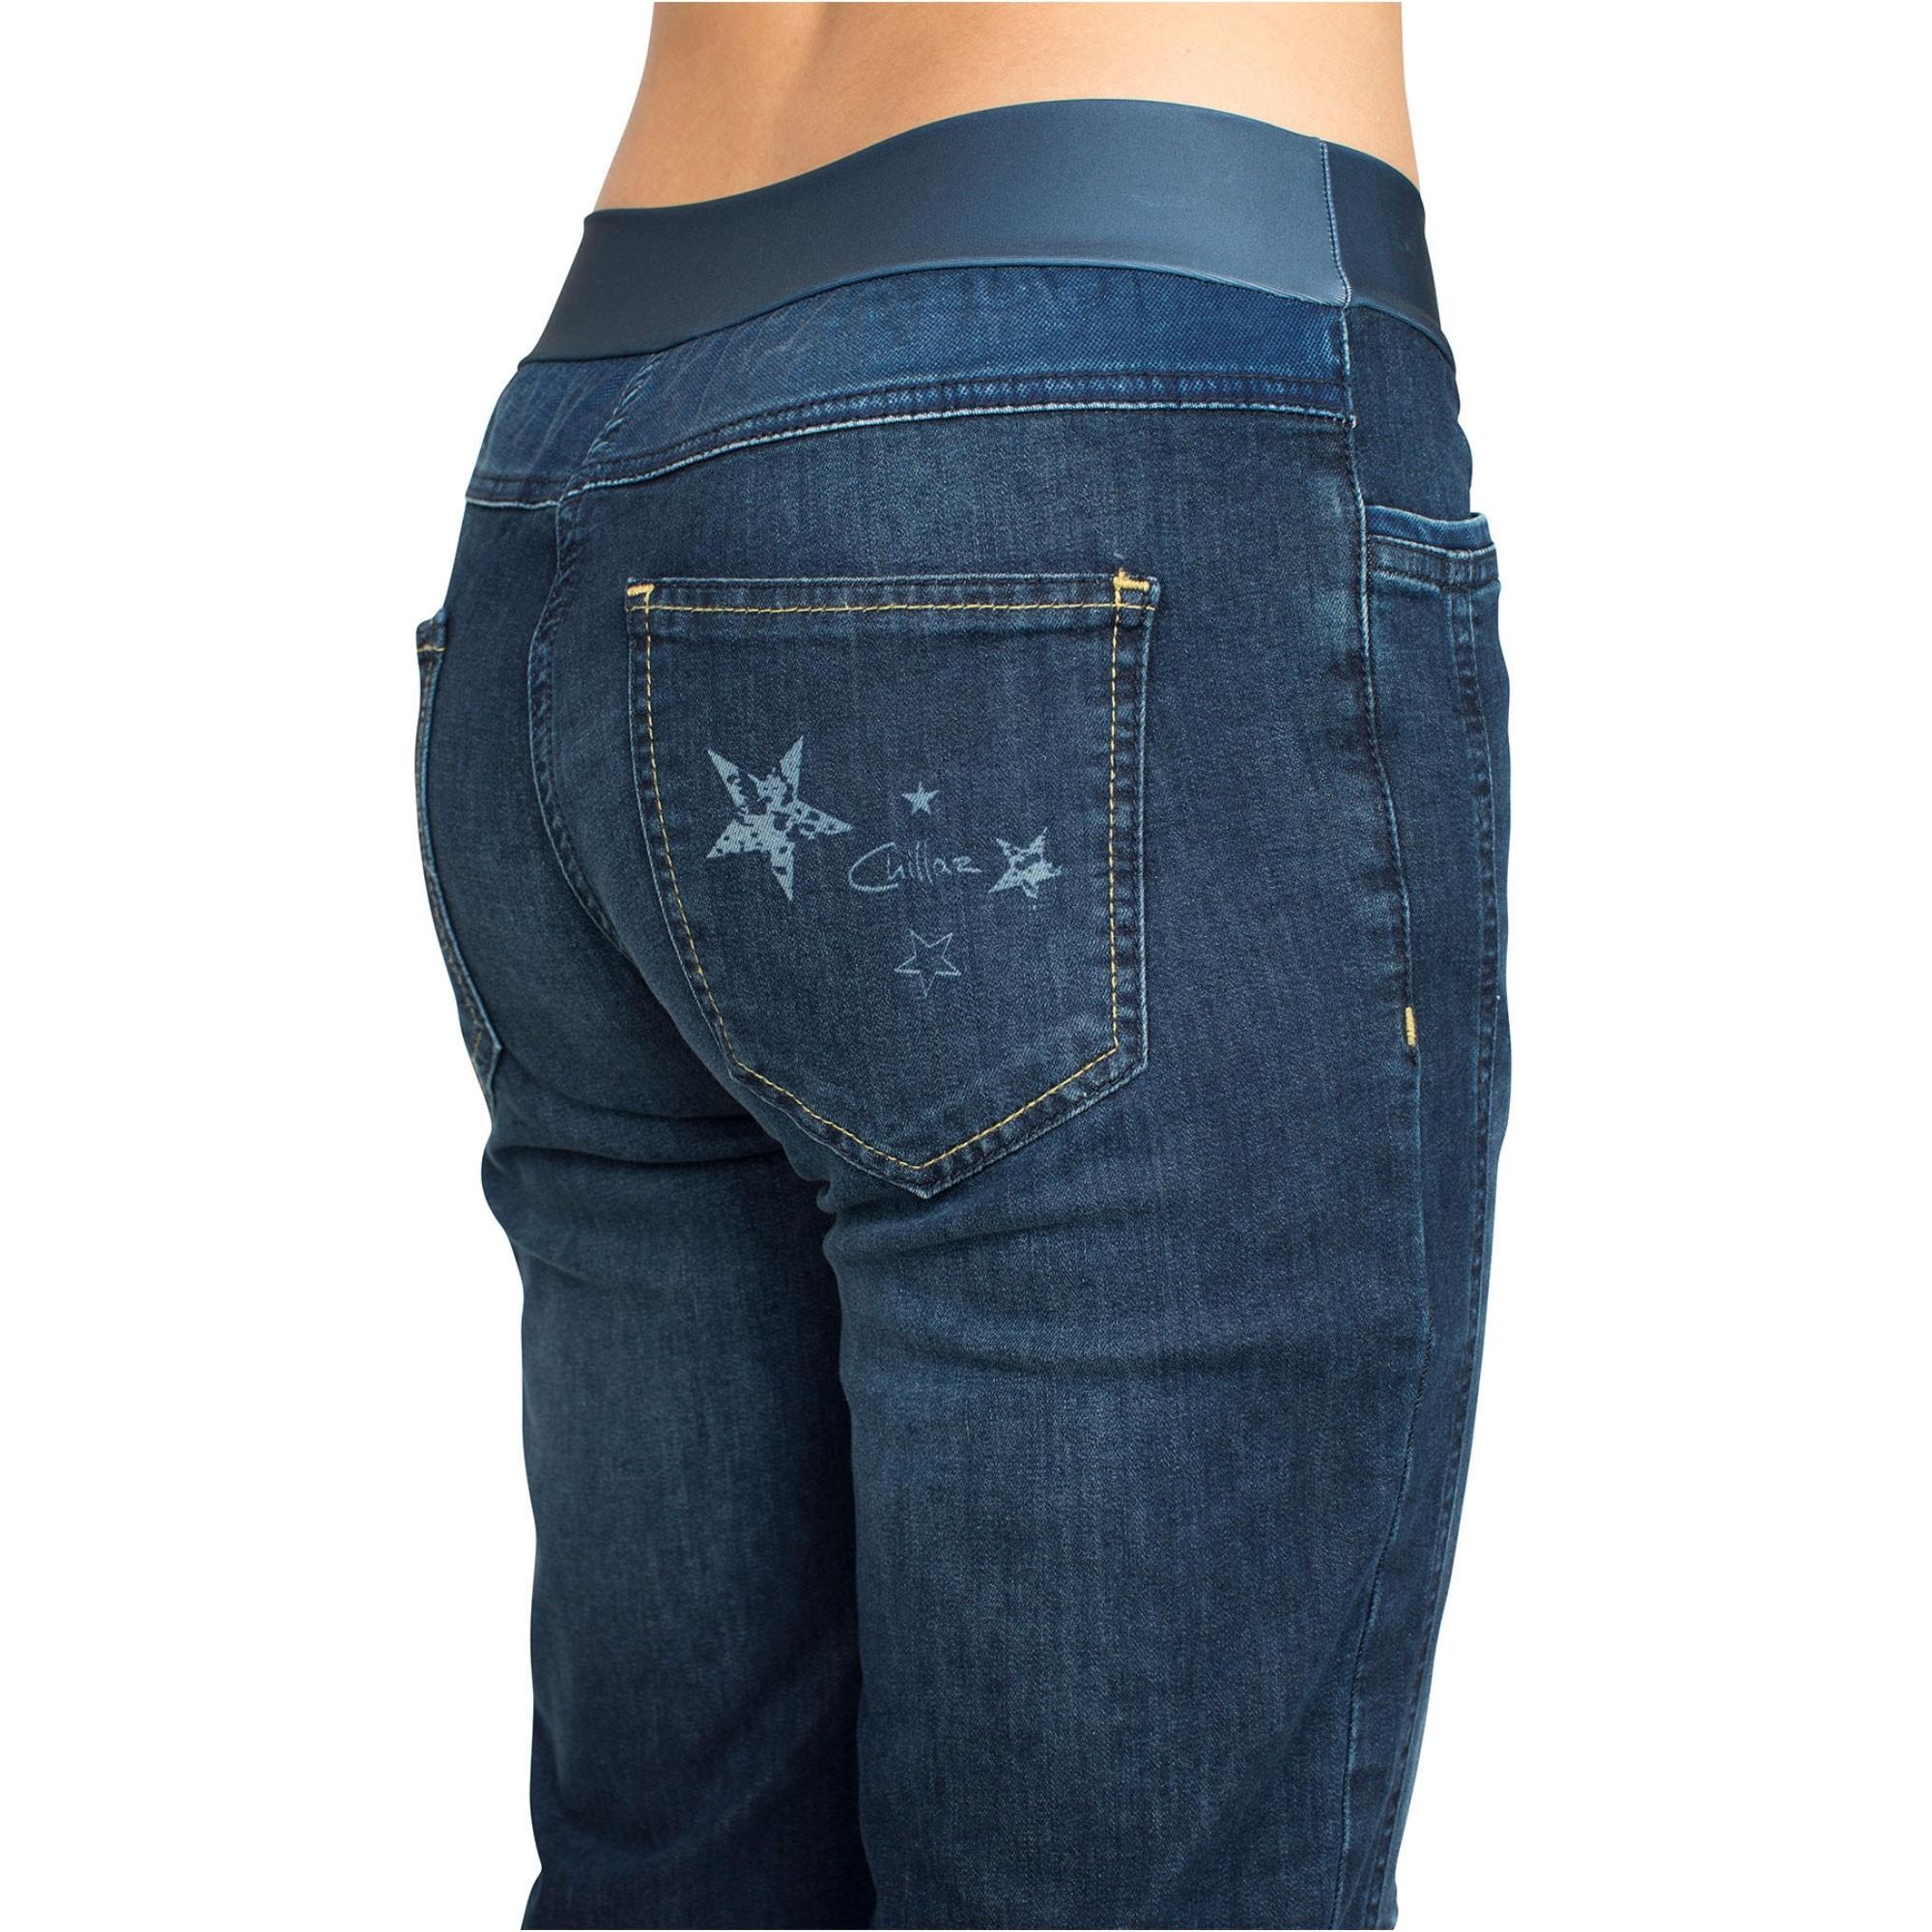 Chillaz Sarah's Pant - Indigo